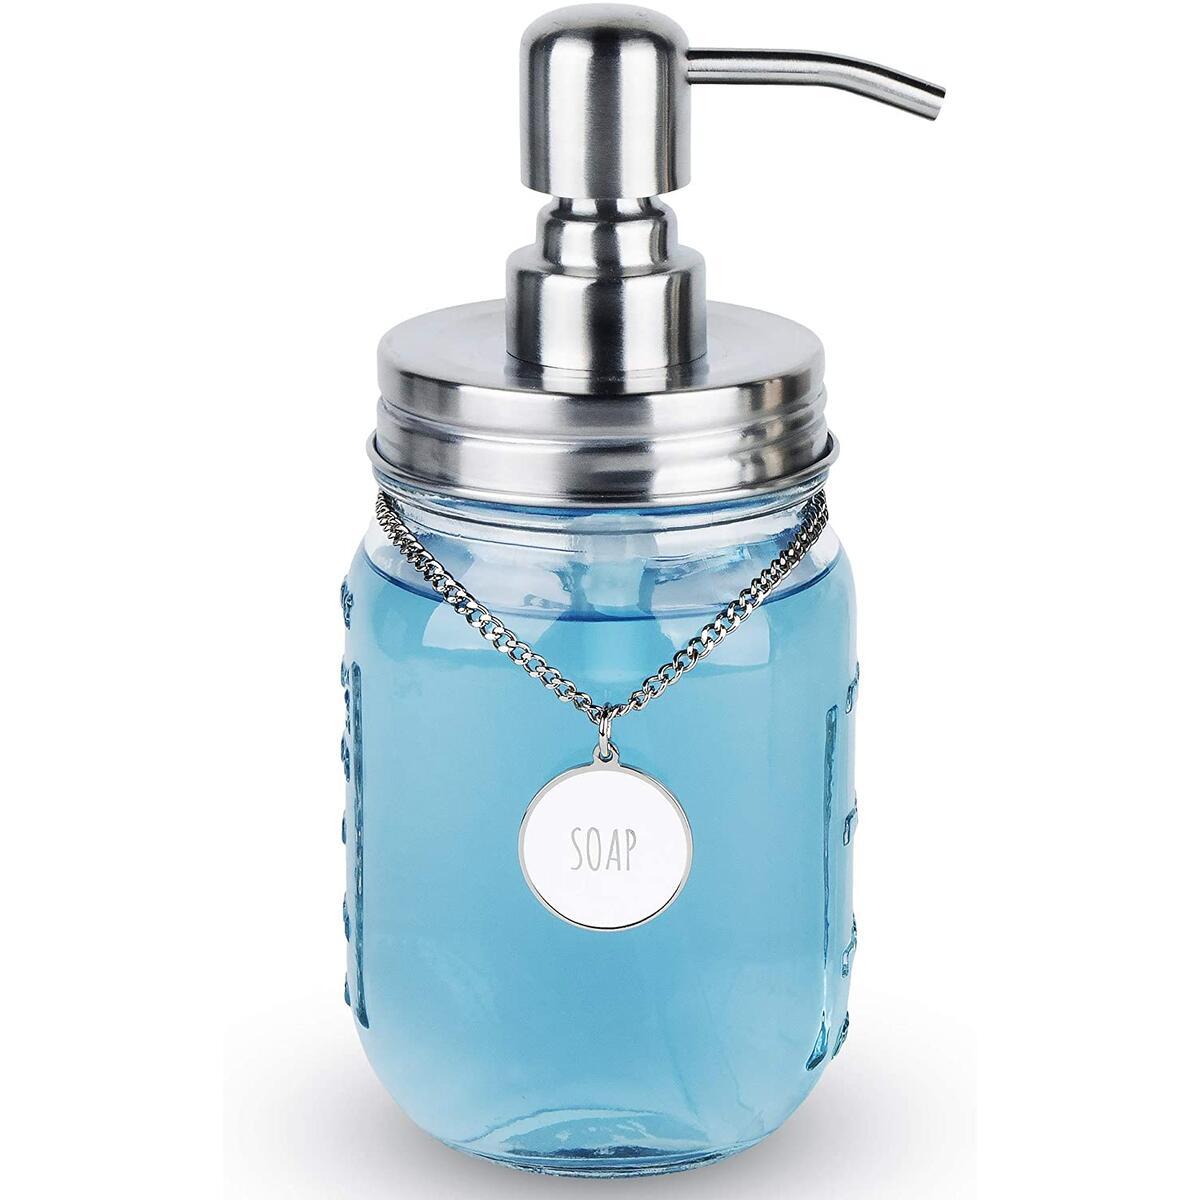 Mason Jar Soap Dispenser with SOAP/LOTION Hang Tag (Silver)